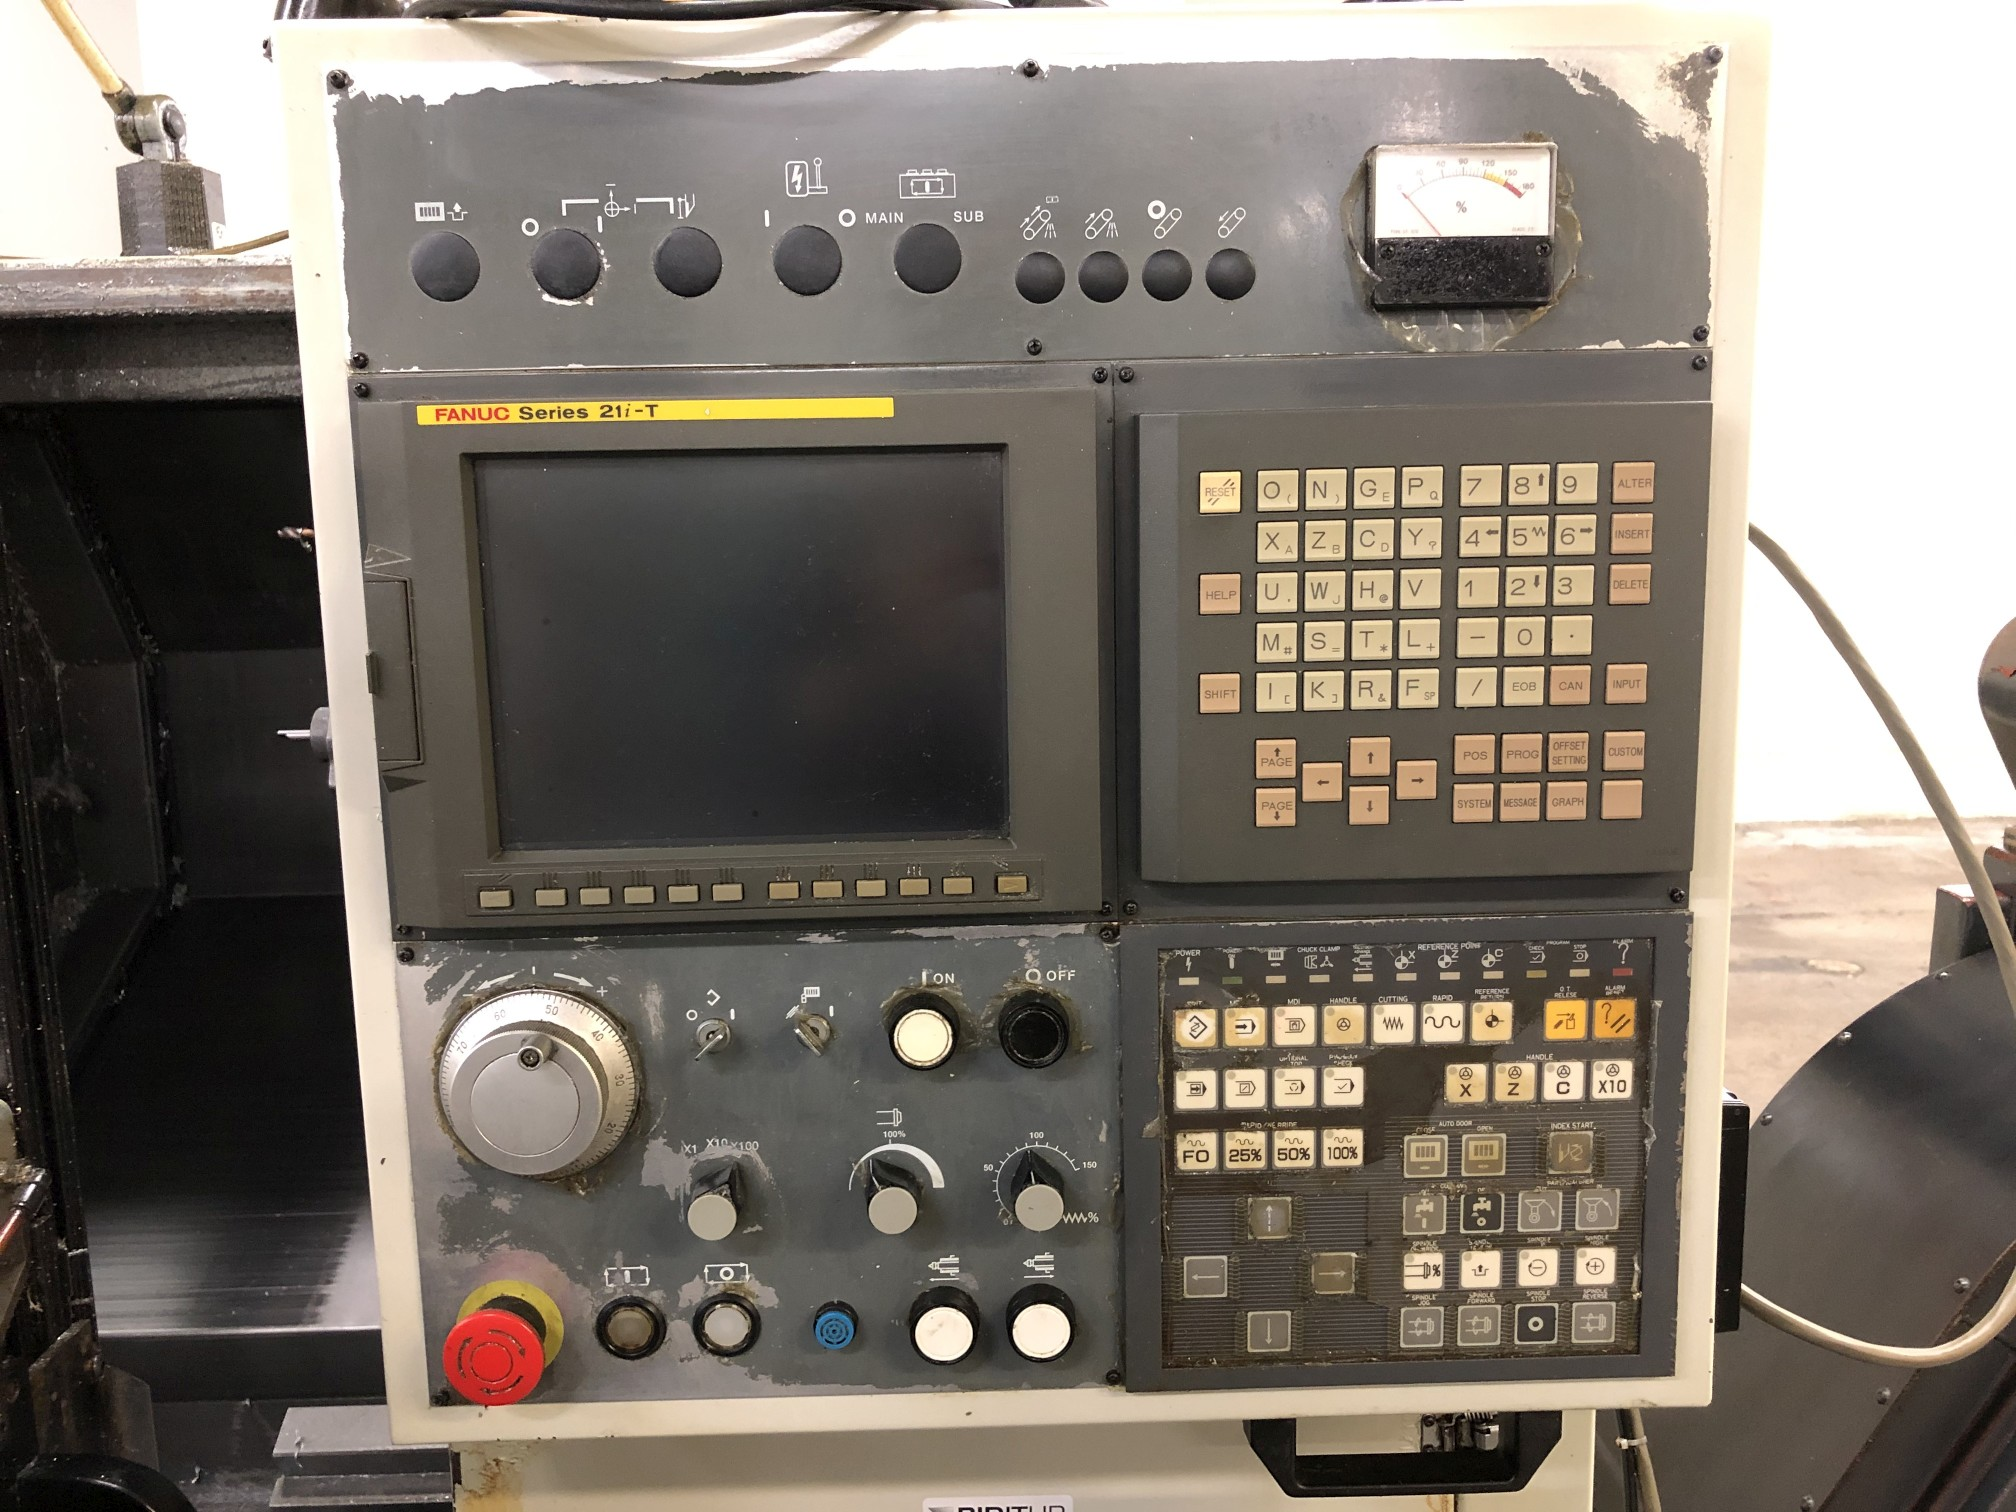 2002 Takisawa EX-106 CNC Lathe - Image 15 of 20